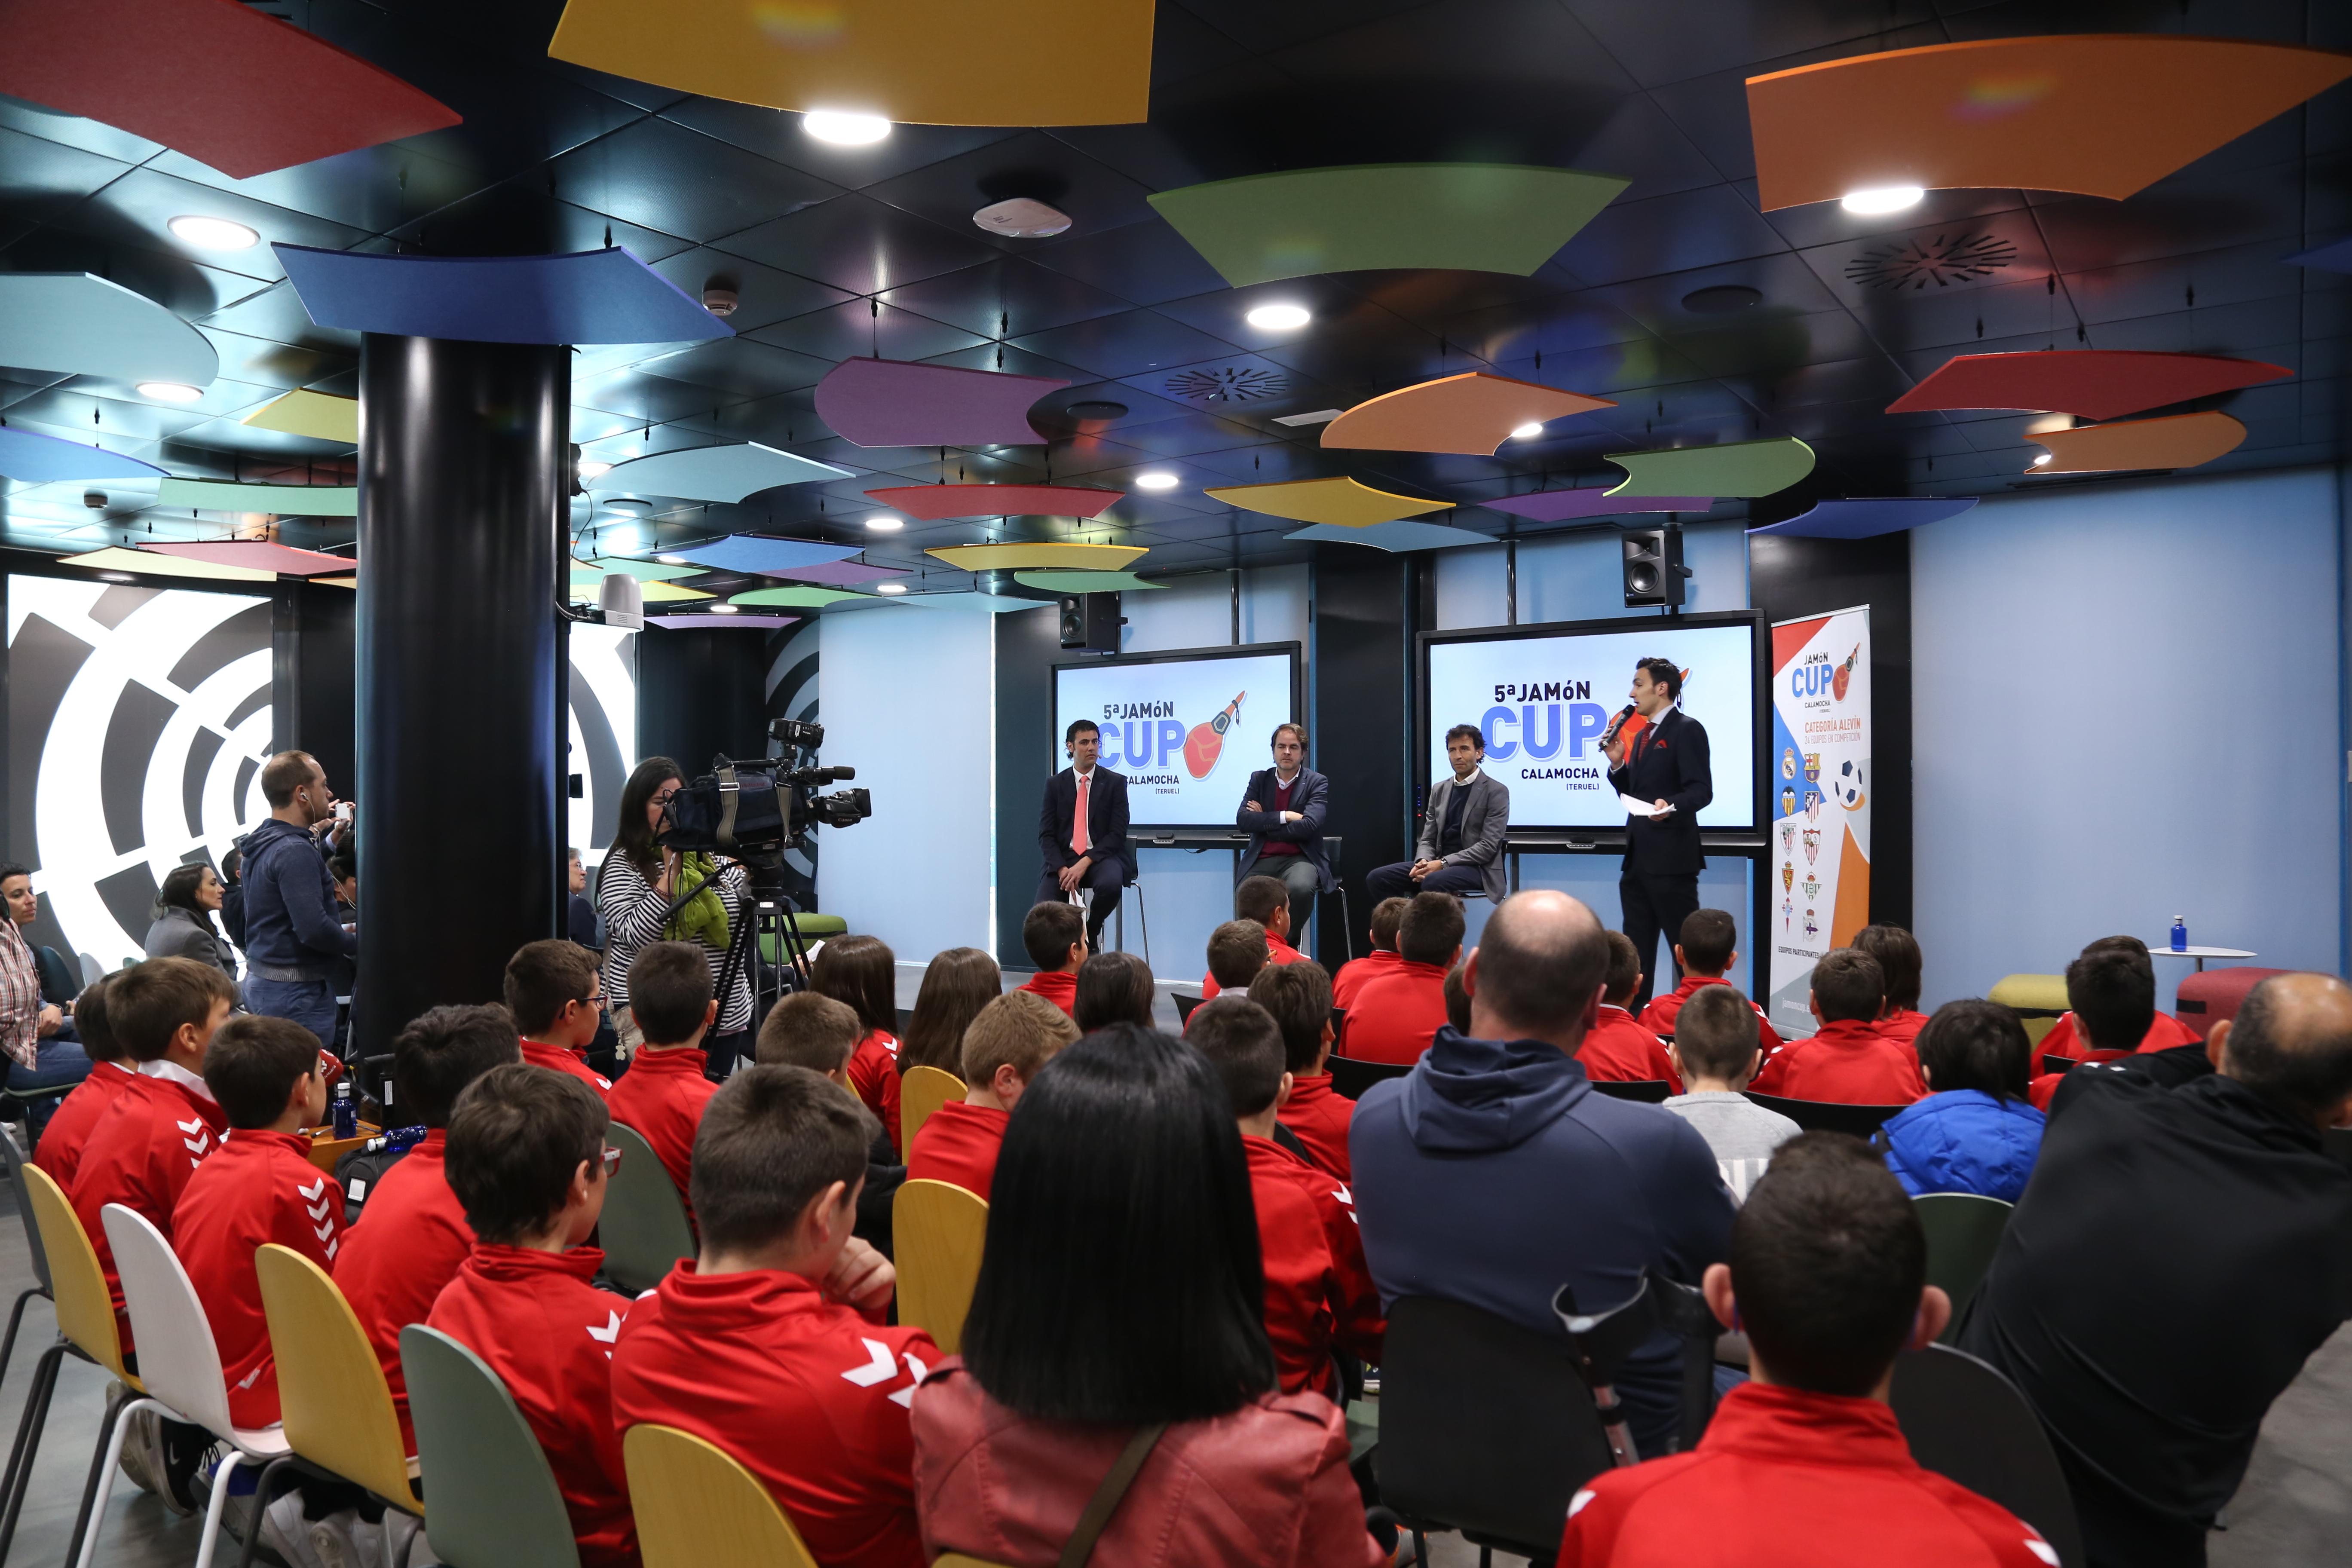 presentación Jamón Cup 2019-3